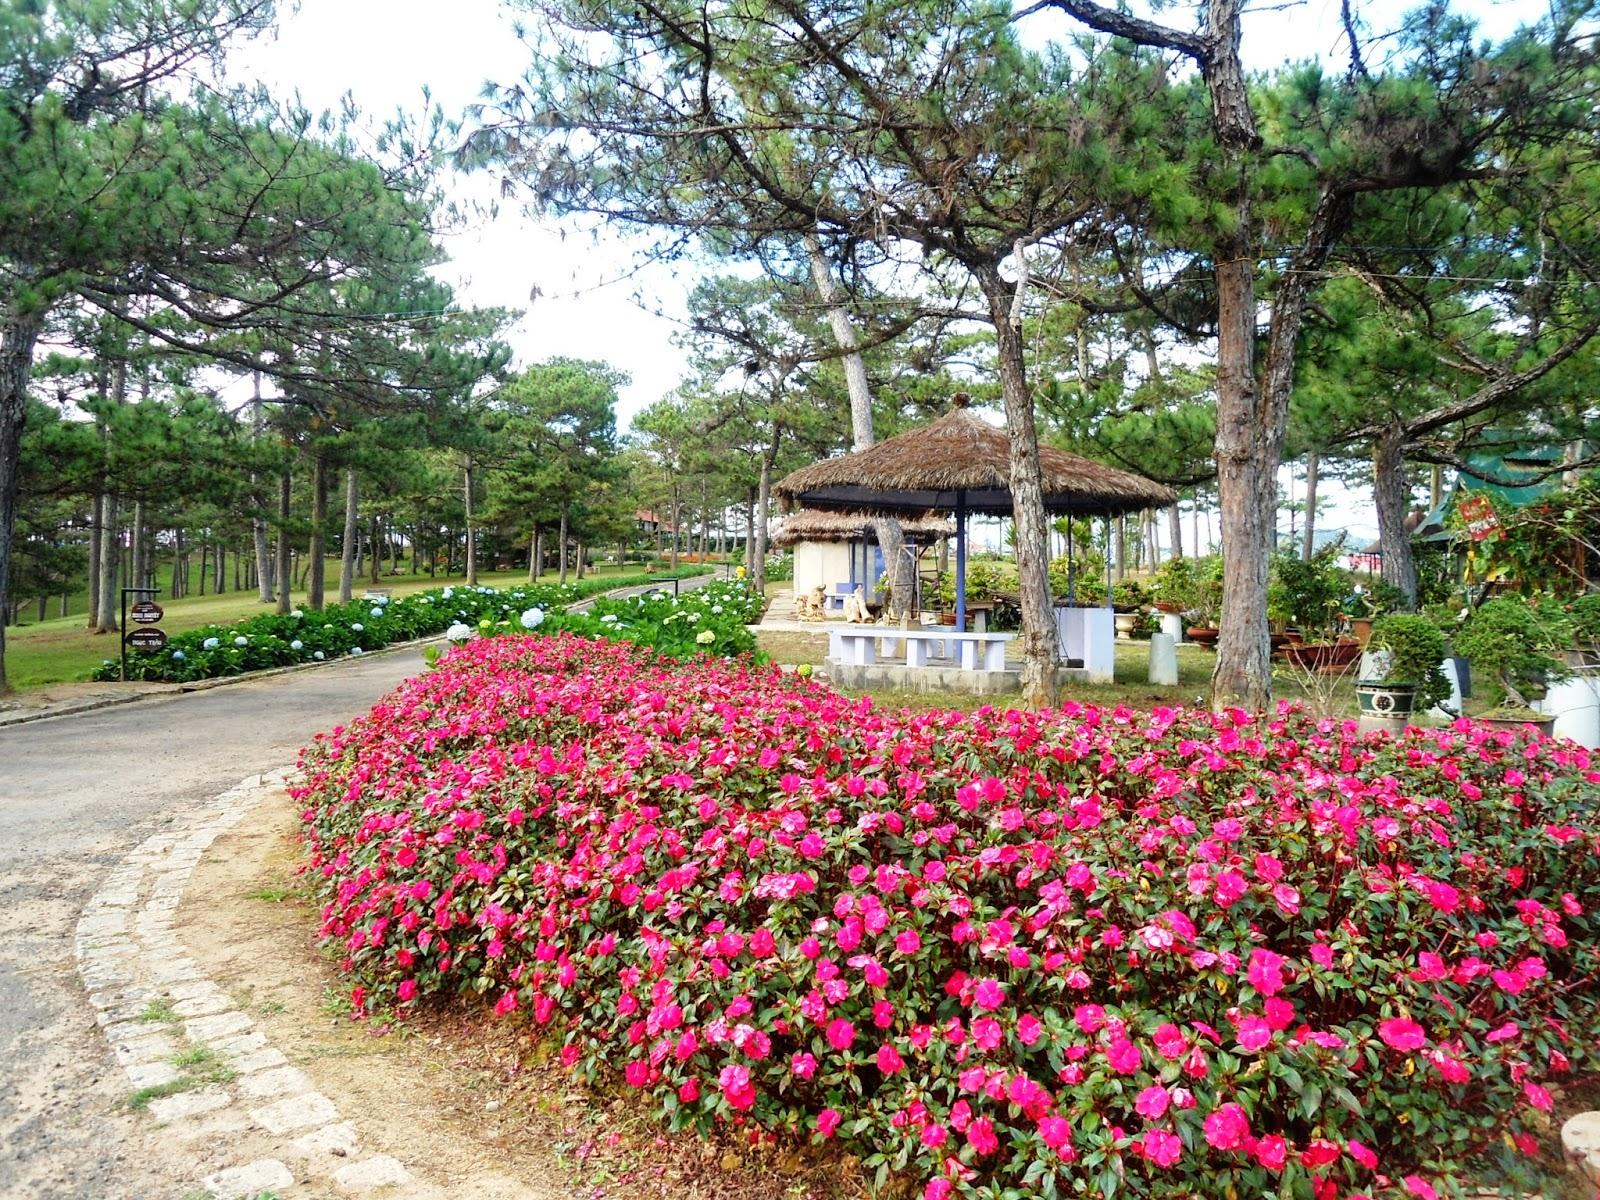 Cùng lúc với việc trồng phủ hoa bất tử trên đồi hoa bên hồ Than Thở thì bên đồi thông hai mộ đối diện bên này trồng phủ tím hoa forget me ...